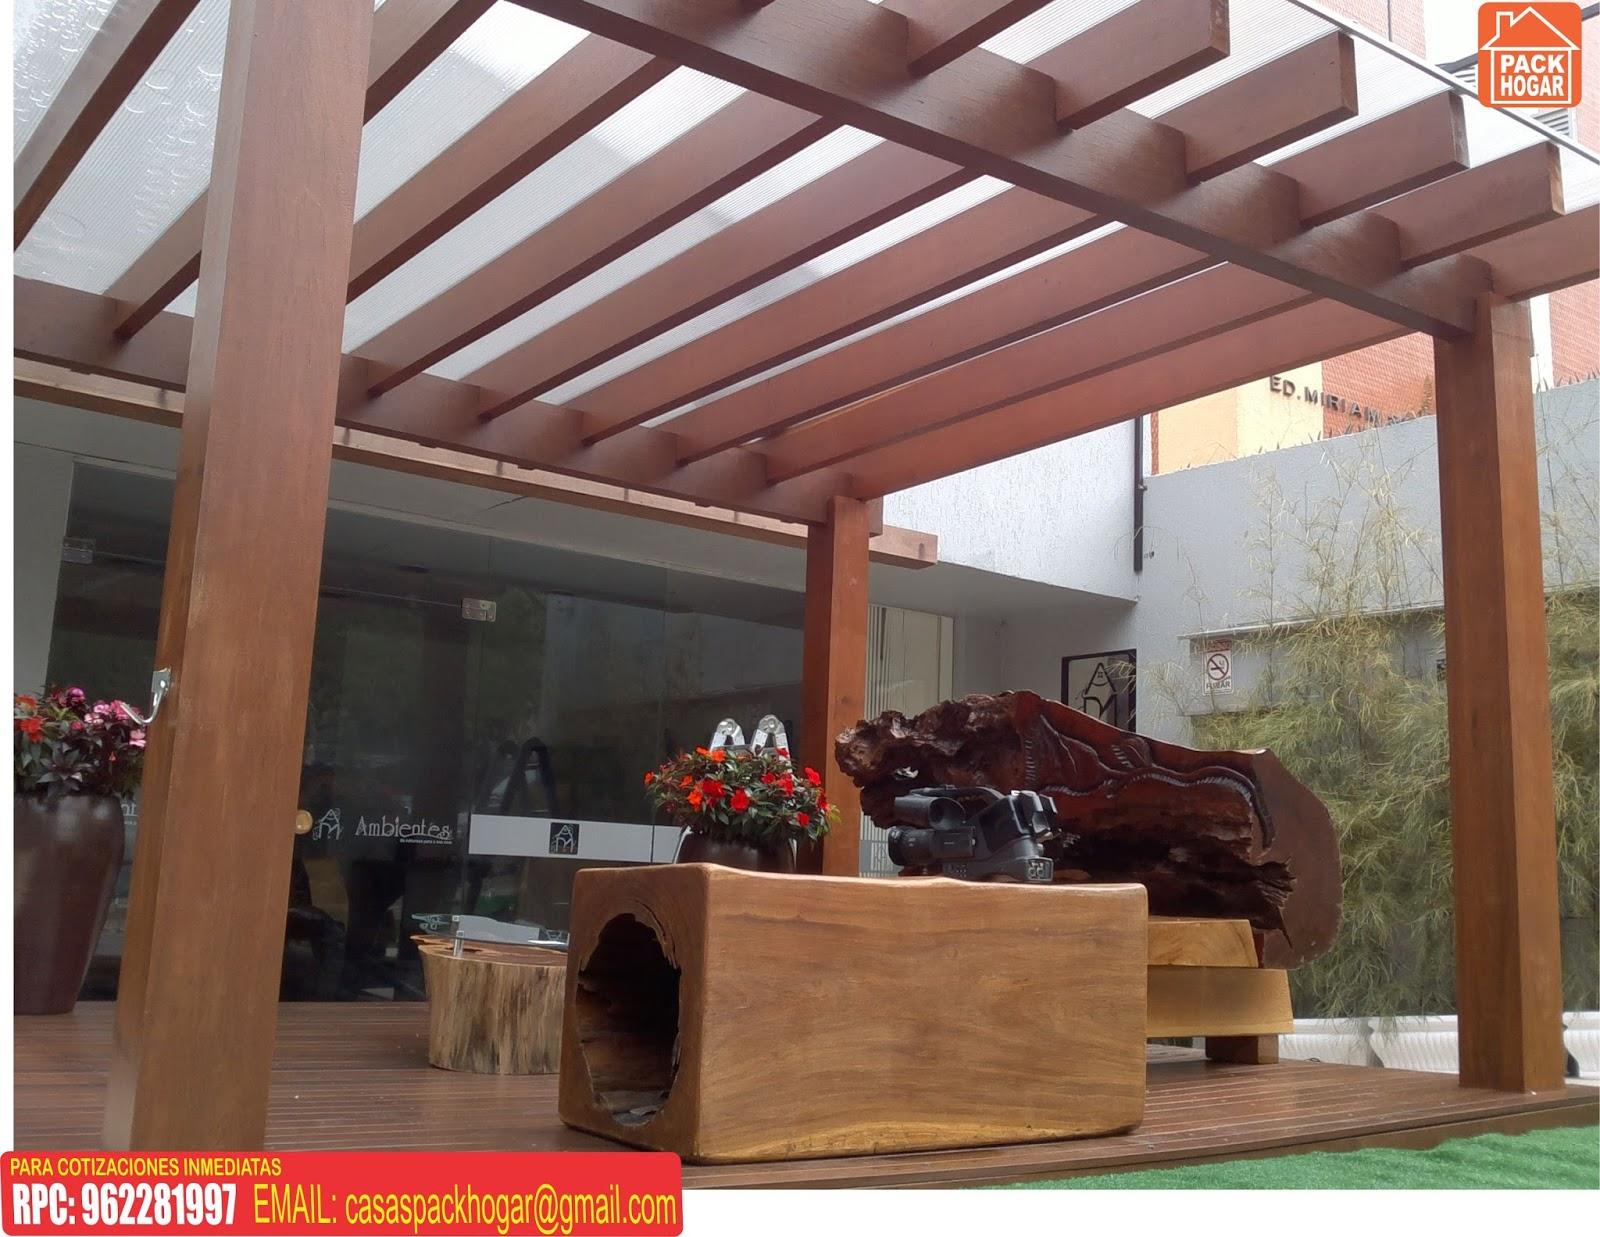 Techos sol y sombra de madera packhogar - Maderas para terrazas ...